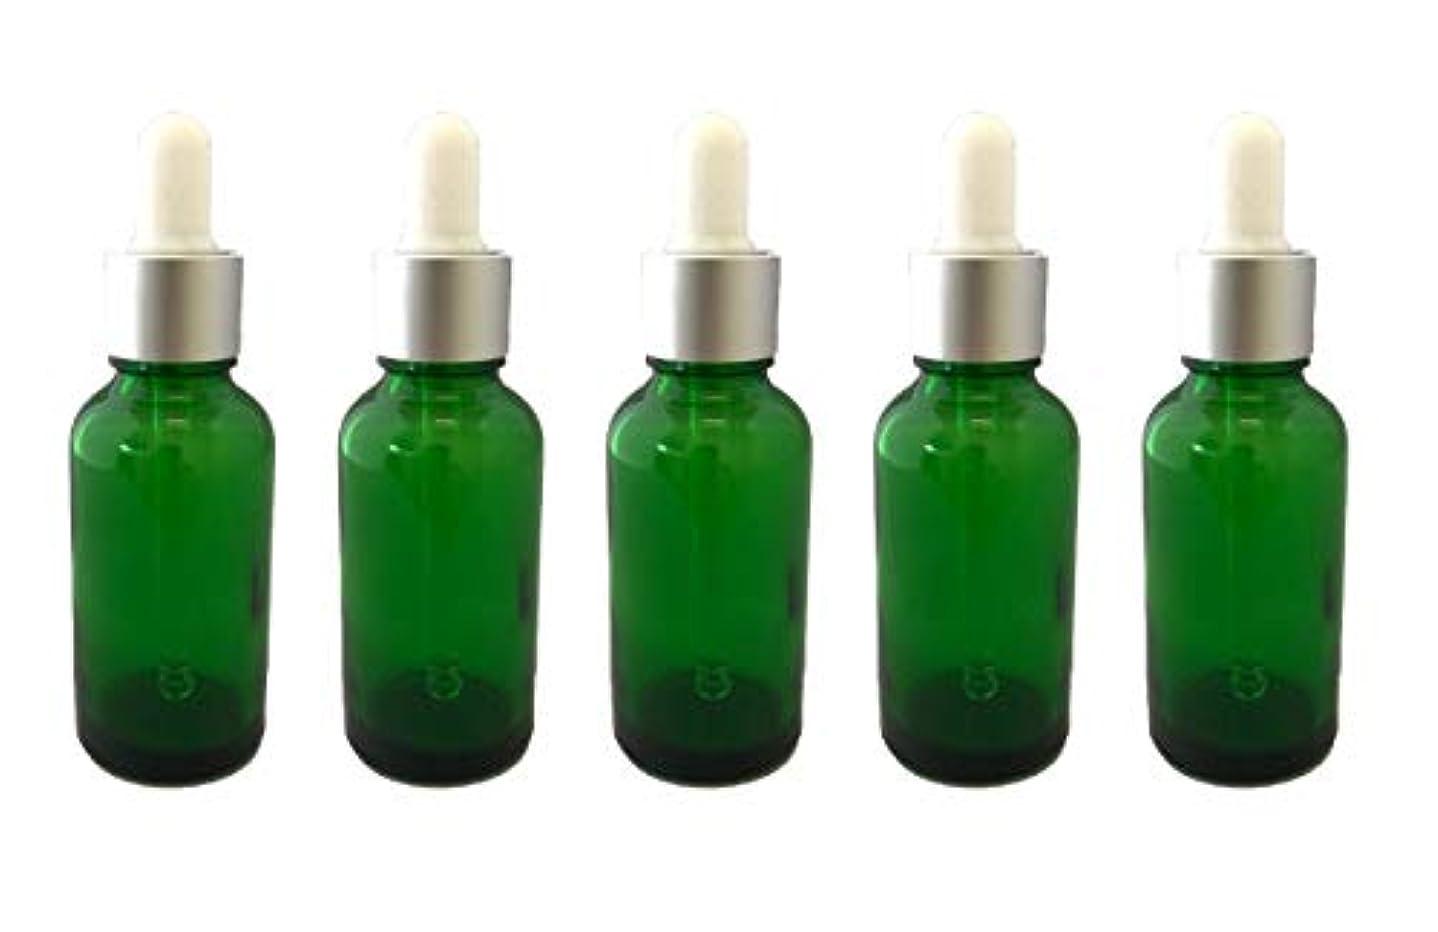 (m-stone)遮光瓶 アロマオイル エッセンシャルオイル 精油 保存用 ガラス ボトル スポイト付き 5本セット 30ml